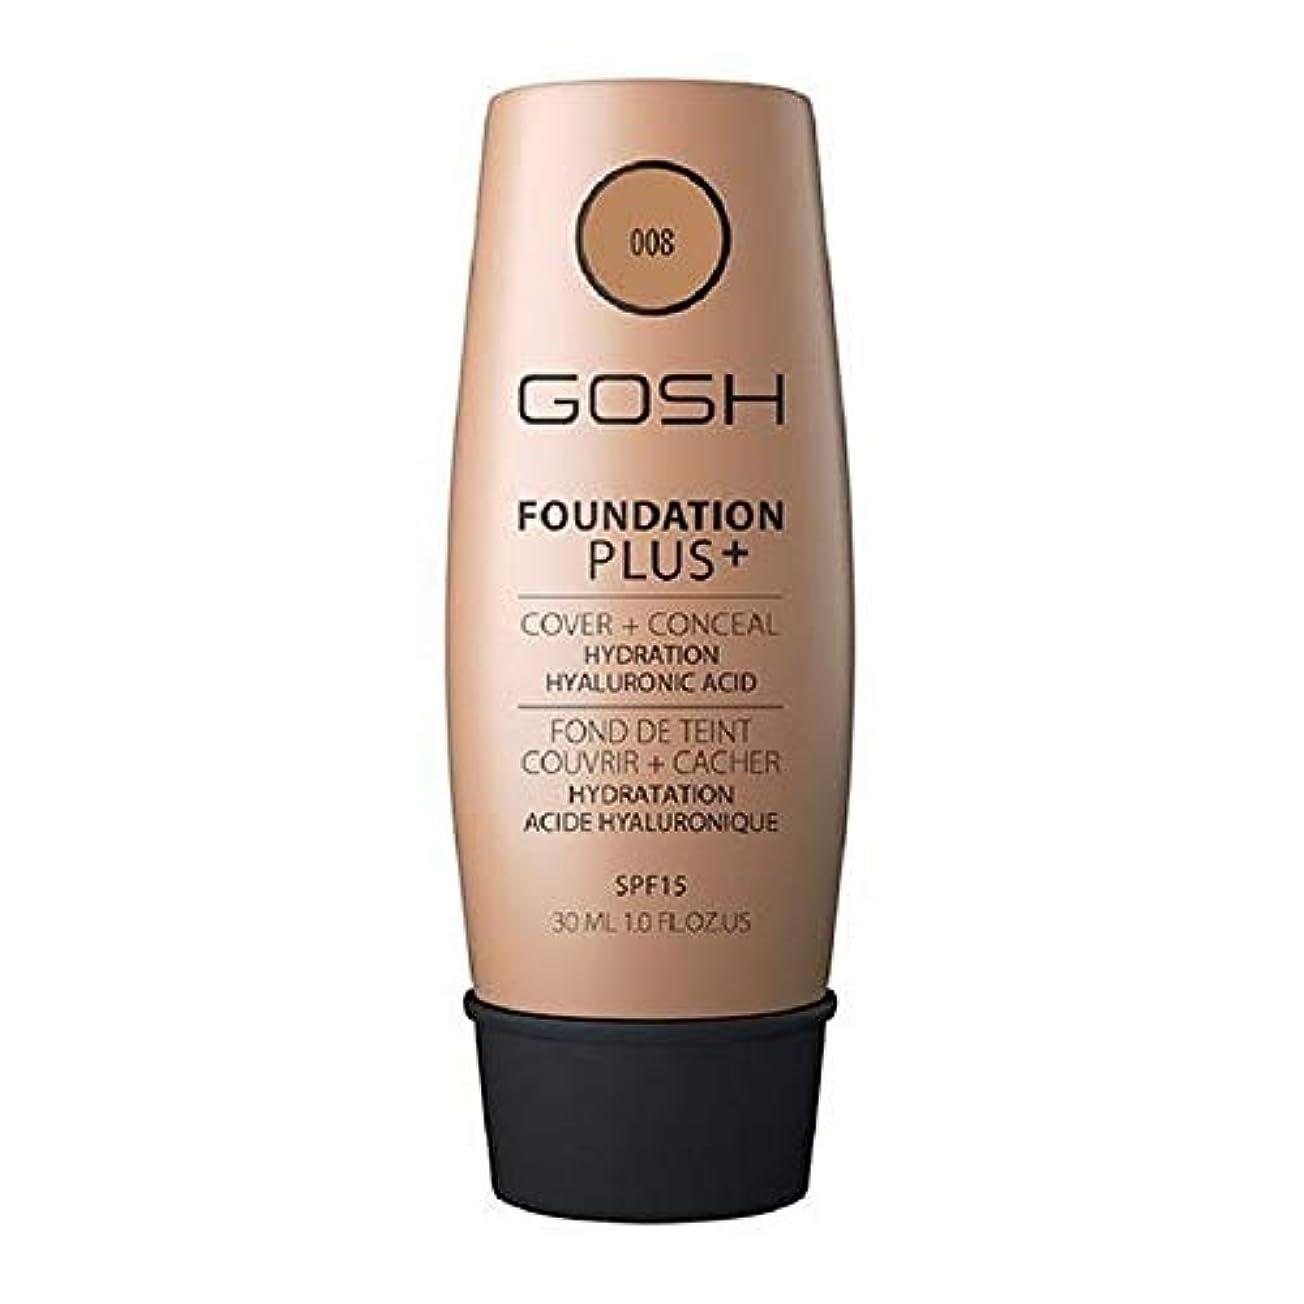 受け入れ憂慮すべきジョージスティーブンソン[GOSH ] おやっ基盤プラス+黄金008 - Gosh Foundation Plus+ Golden 008 [並行輸入品]